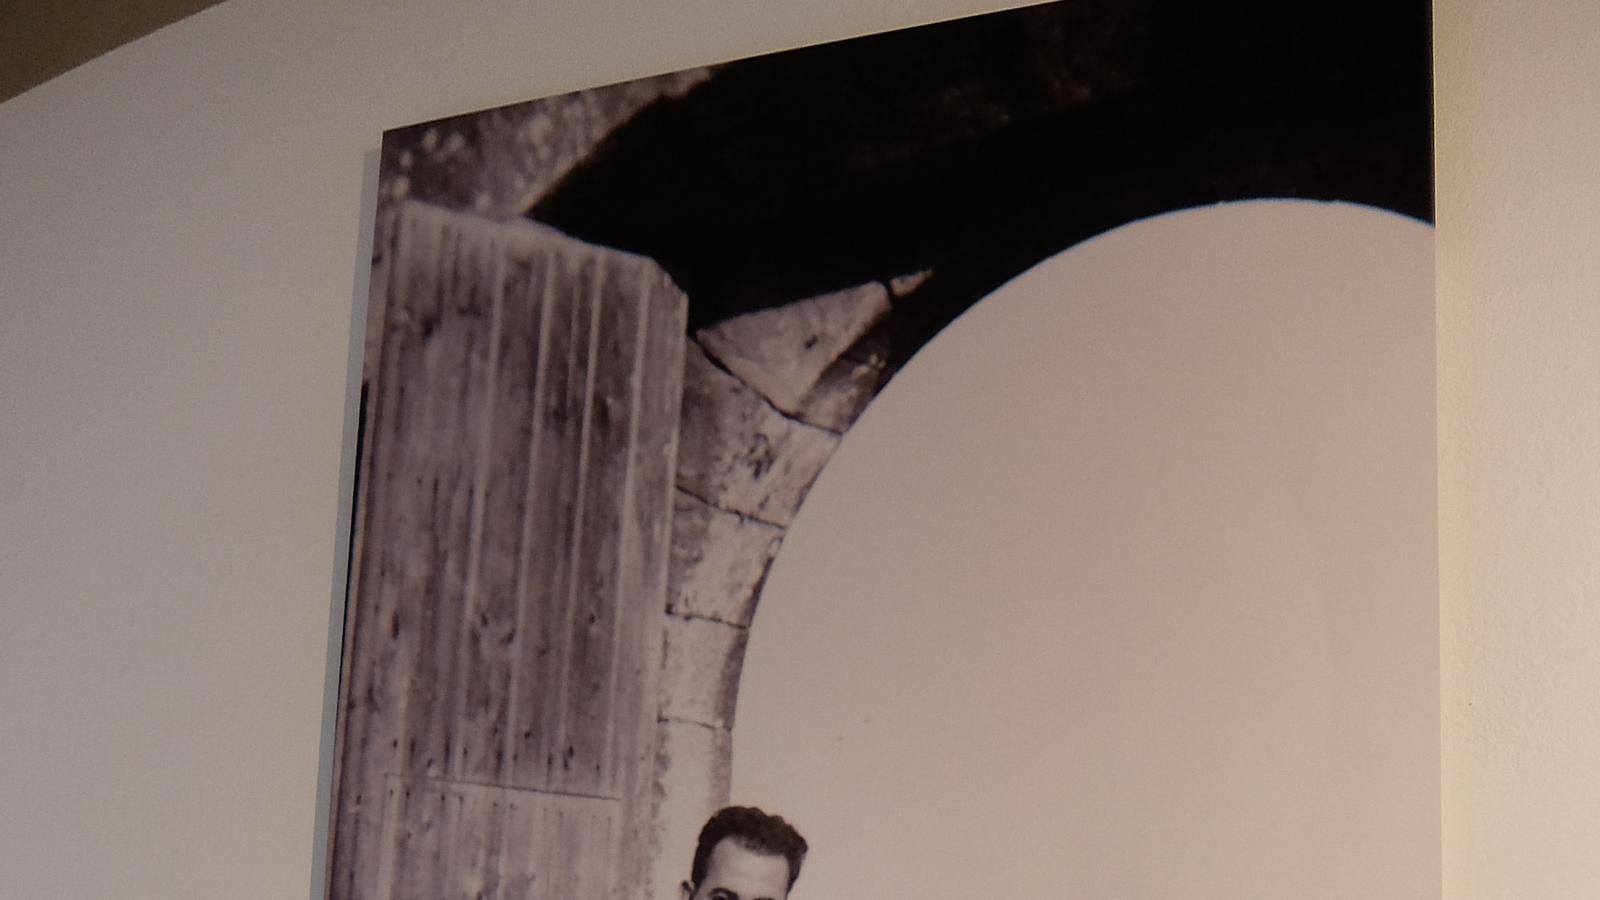 L'exposició sobre el llegat de Bernat Vidal arriba a Palma